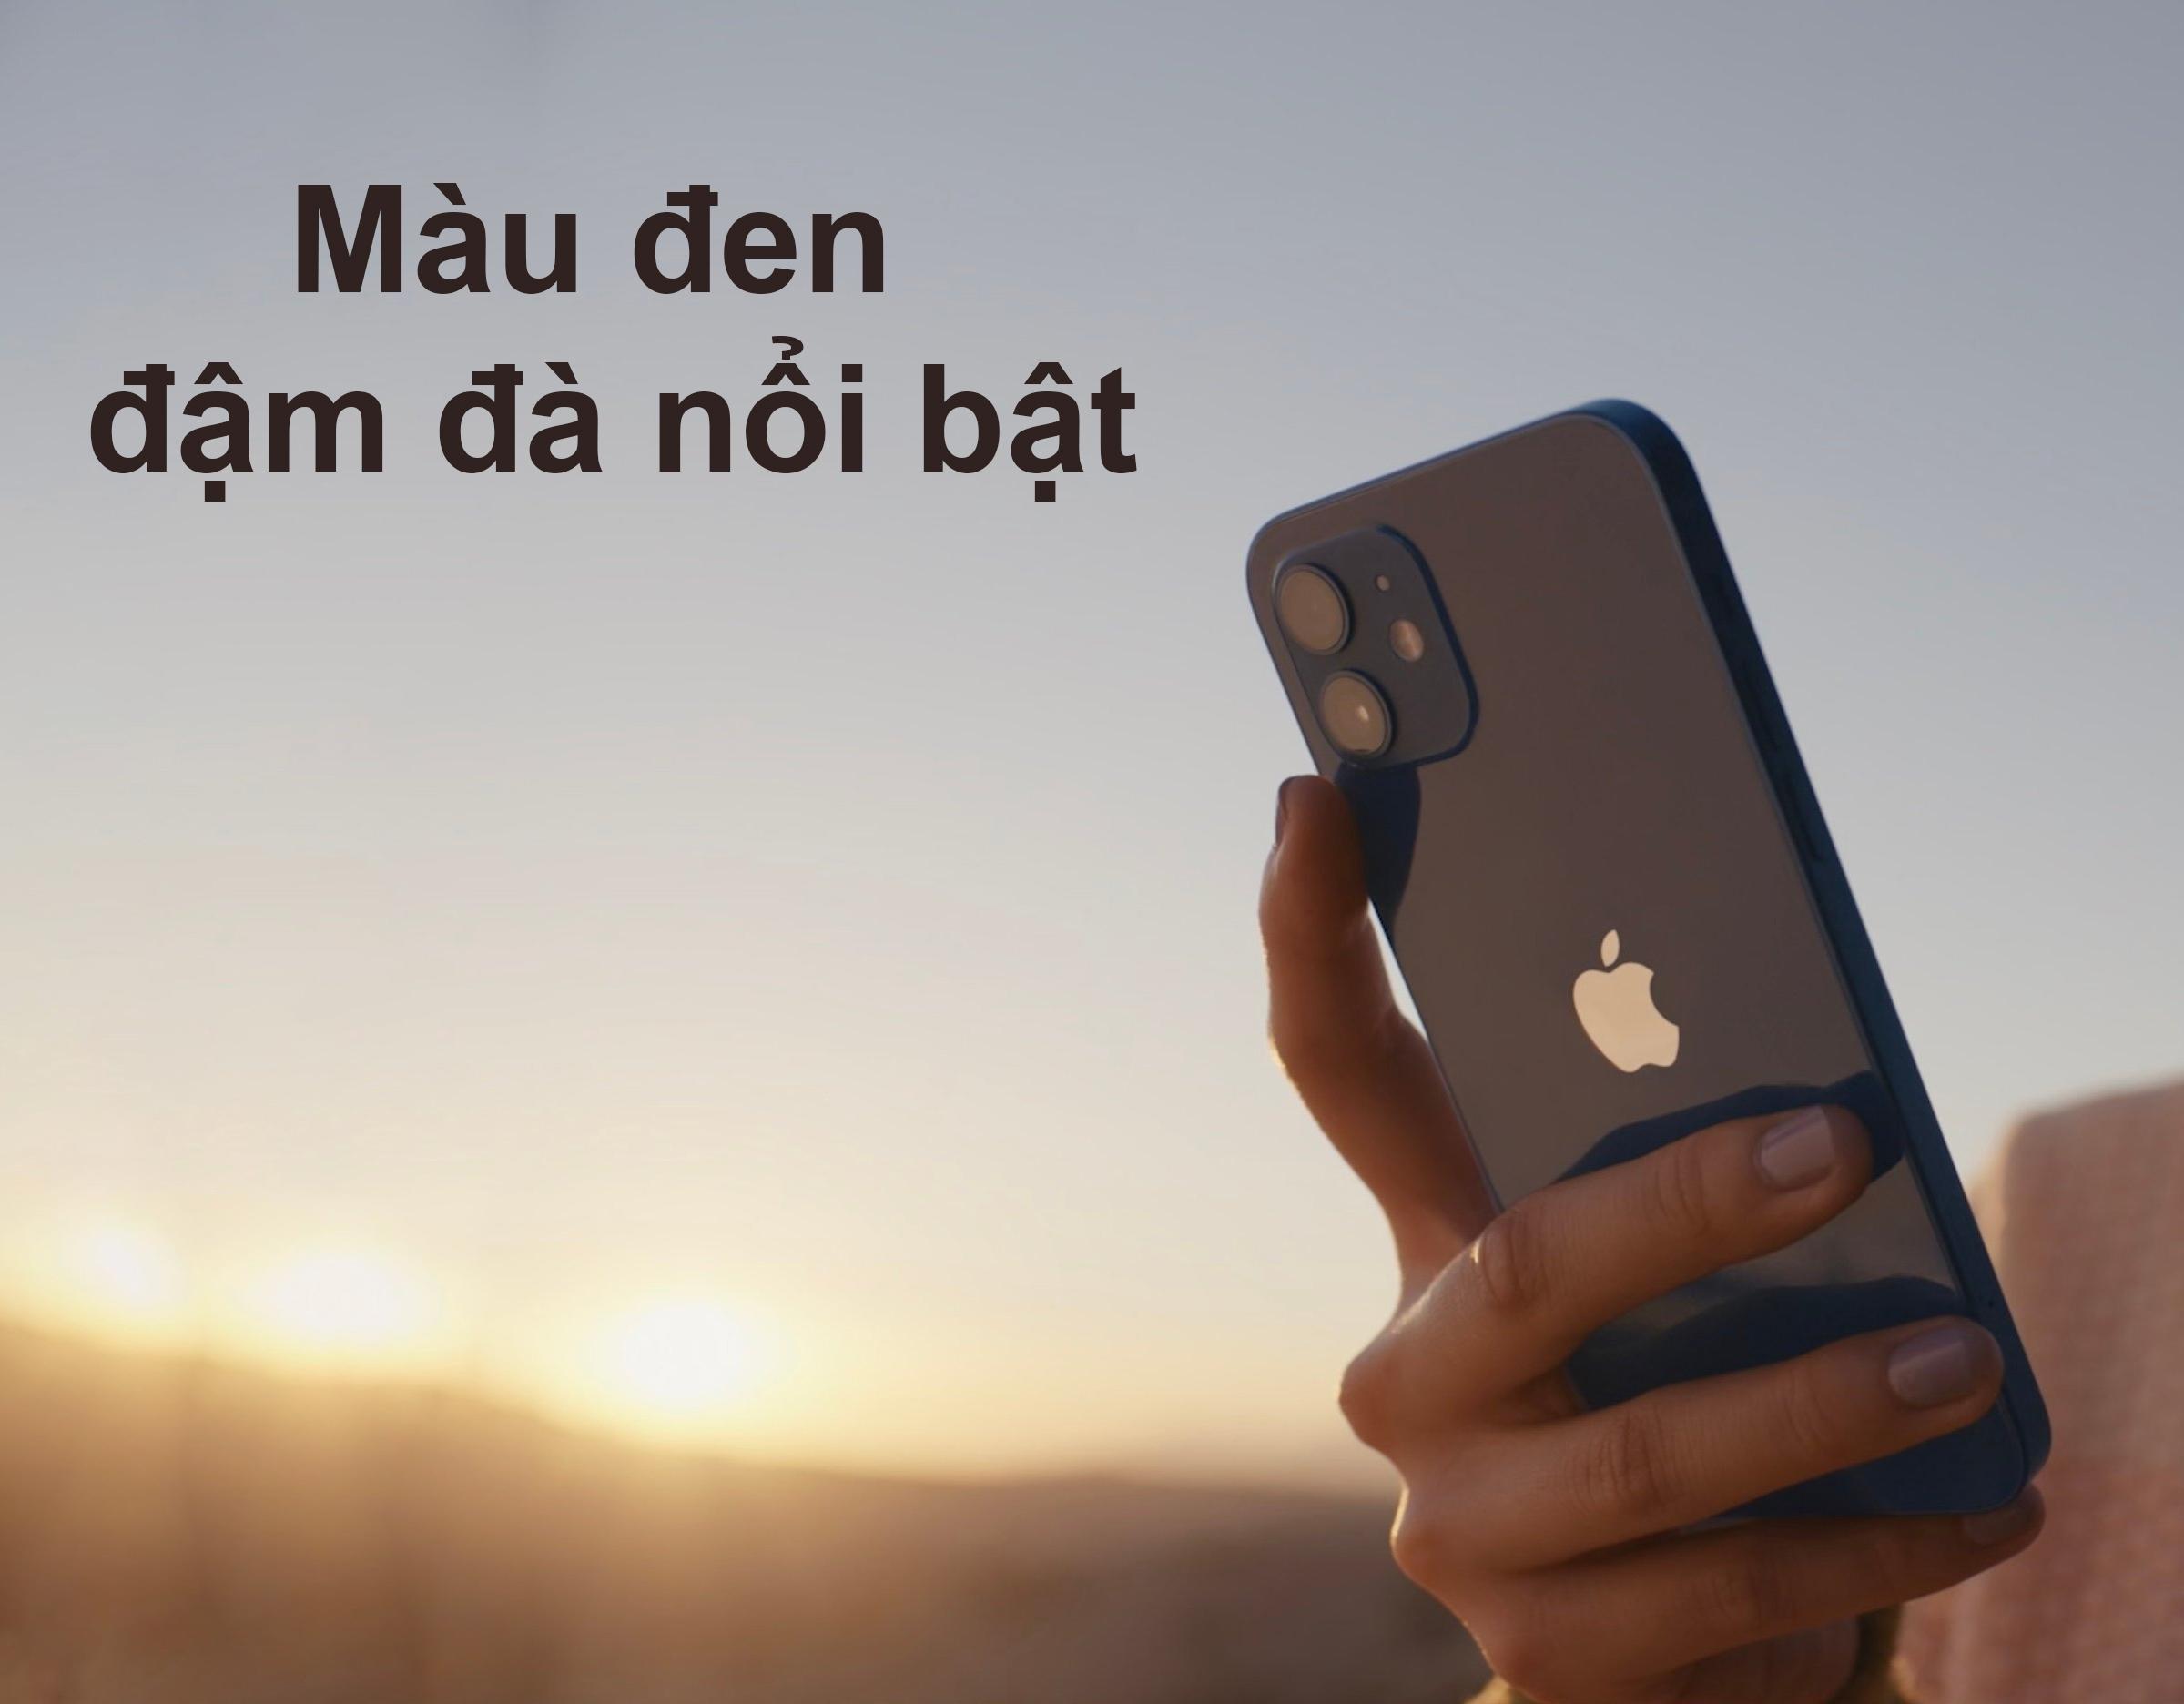 iPhone 12 Mini 64 GB | Màu Đen nổi bật